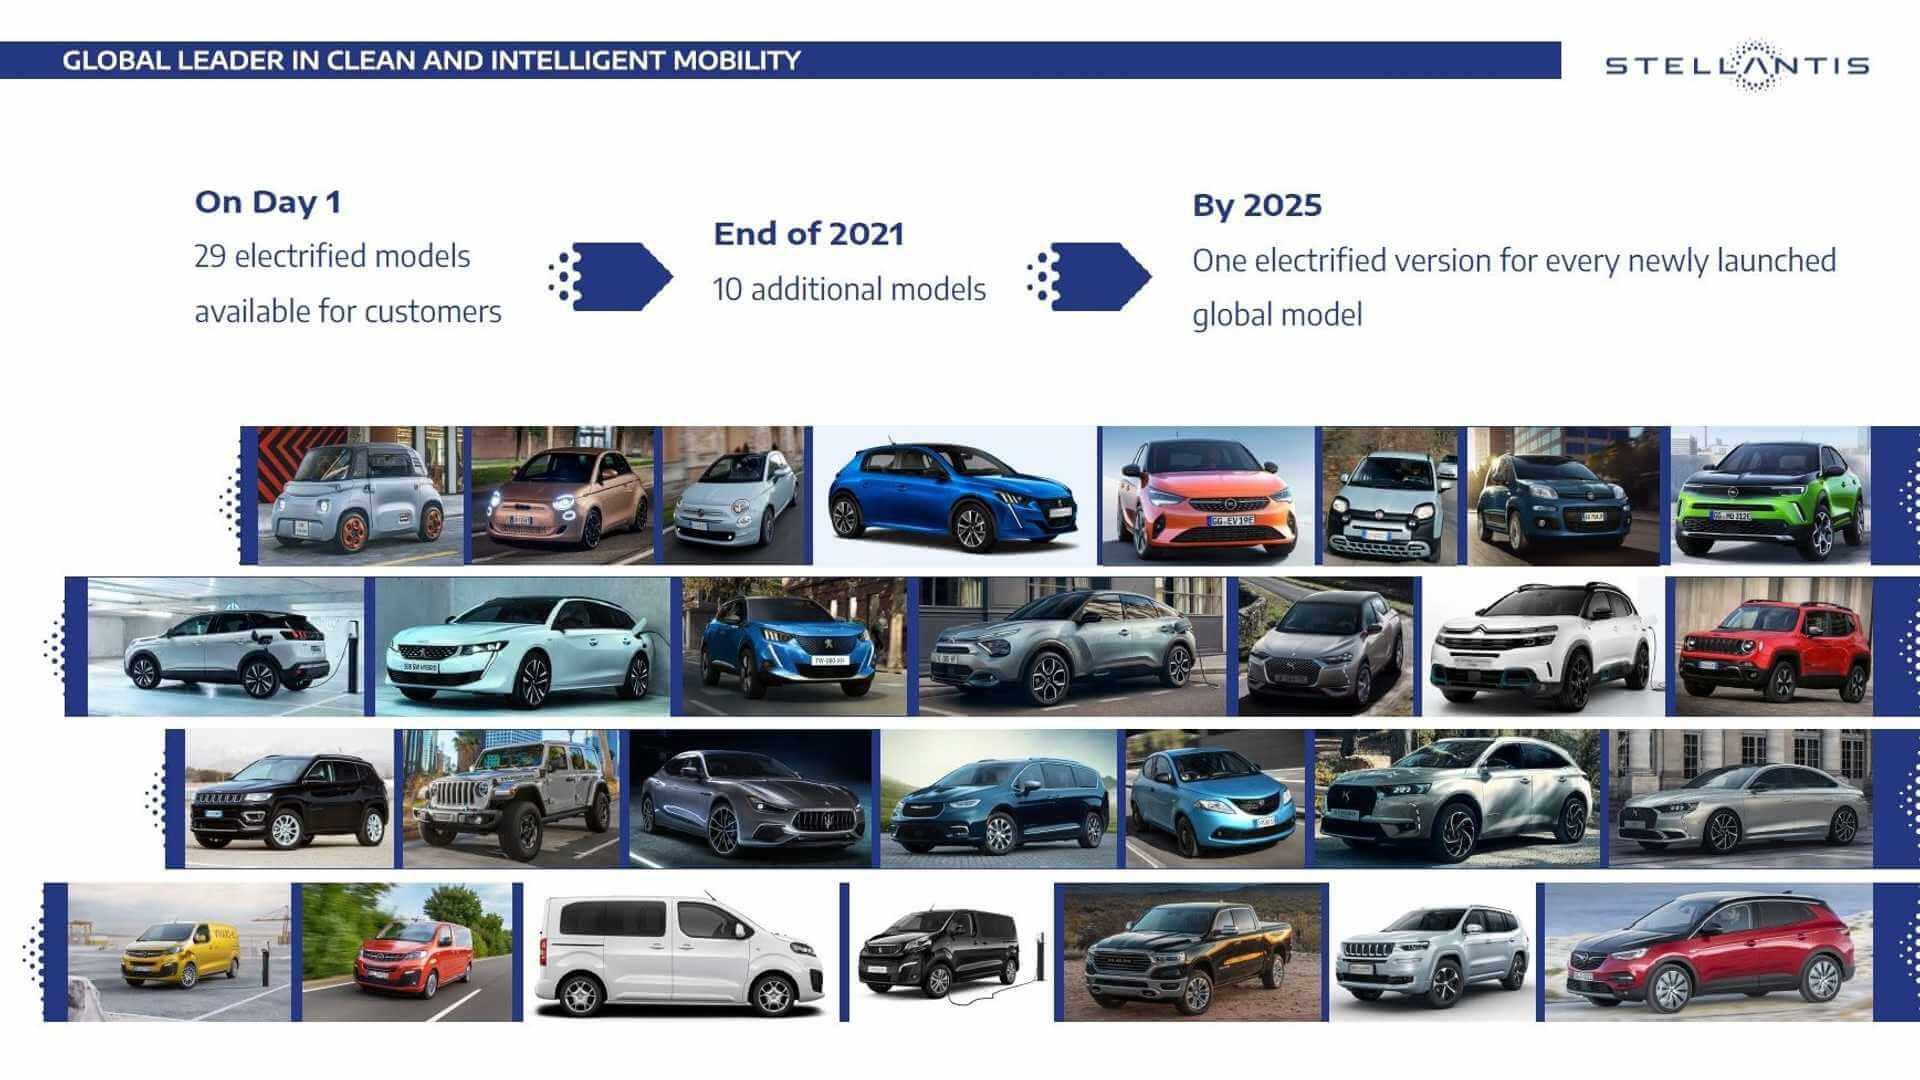 Каждая новая модель, которую Stellantis выпустит до 2025 года, будет предлагать электрифицированный вариант